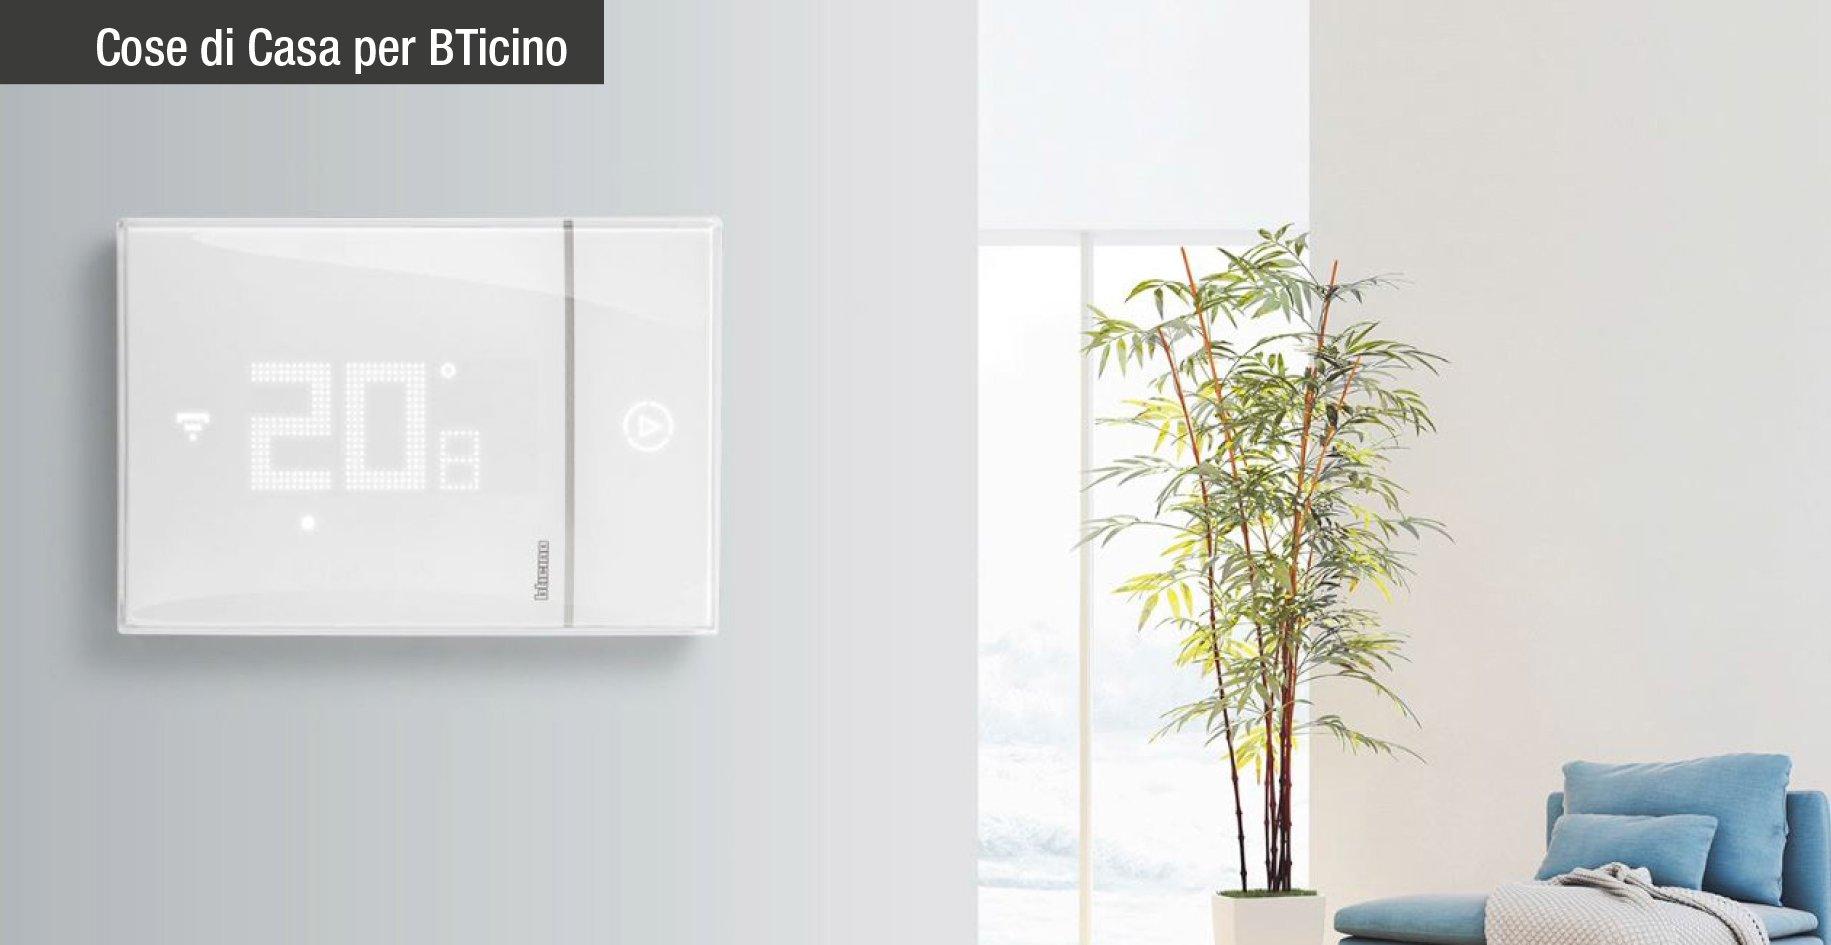 Smarther by bticino un nuovo concetto di termostato - Smarther bticino ...